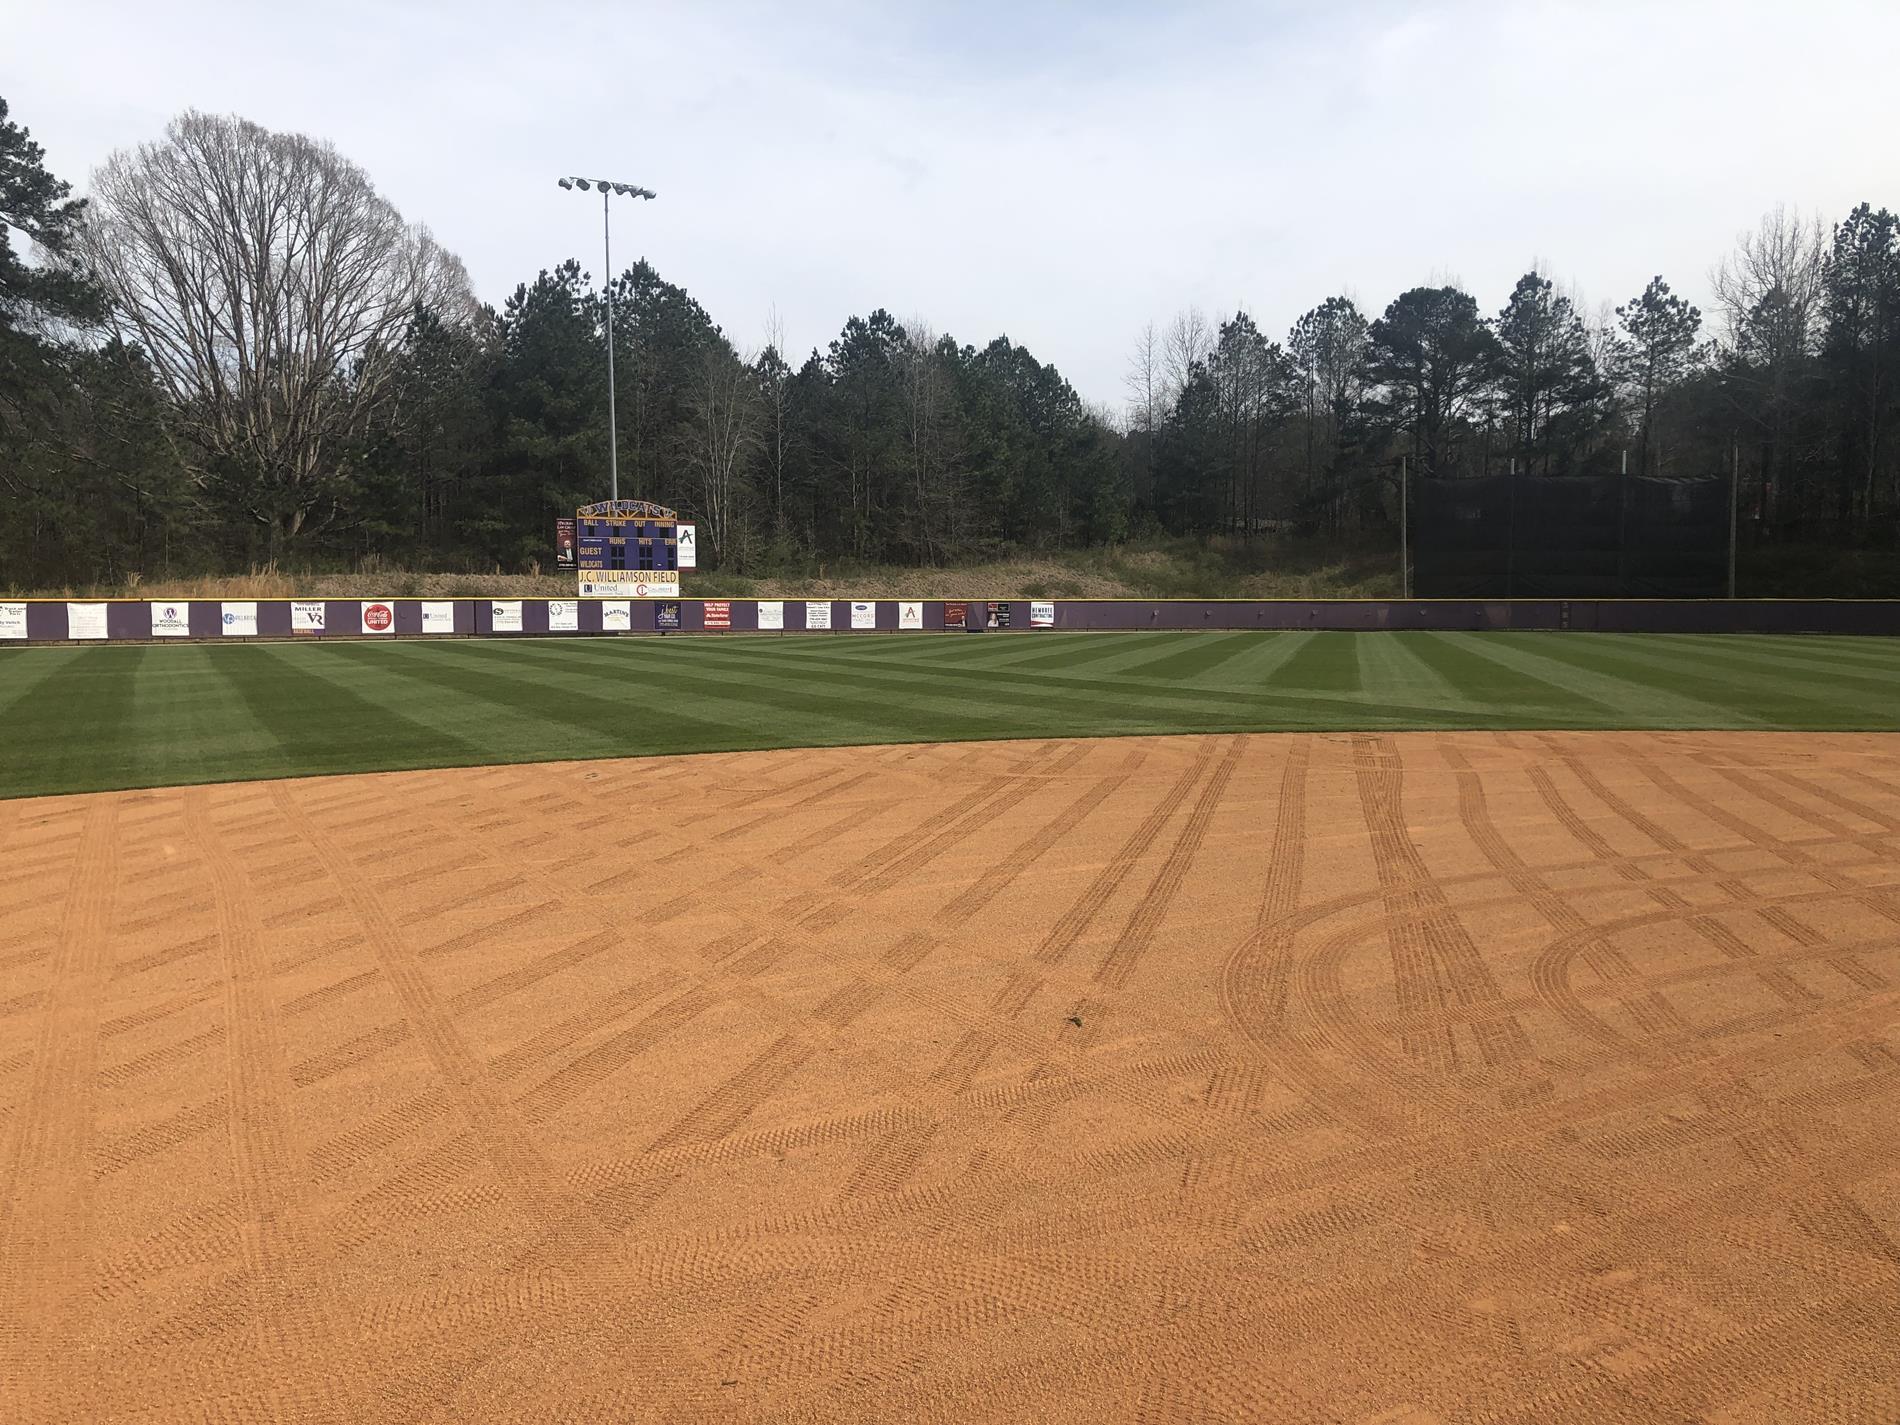 JC Williams field